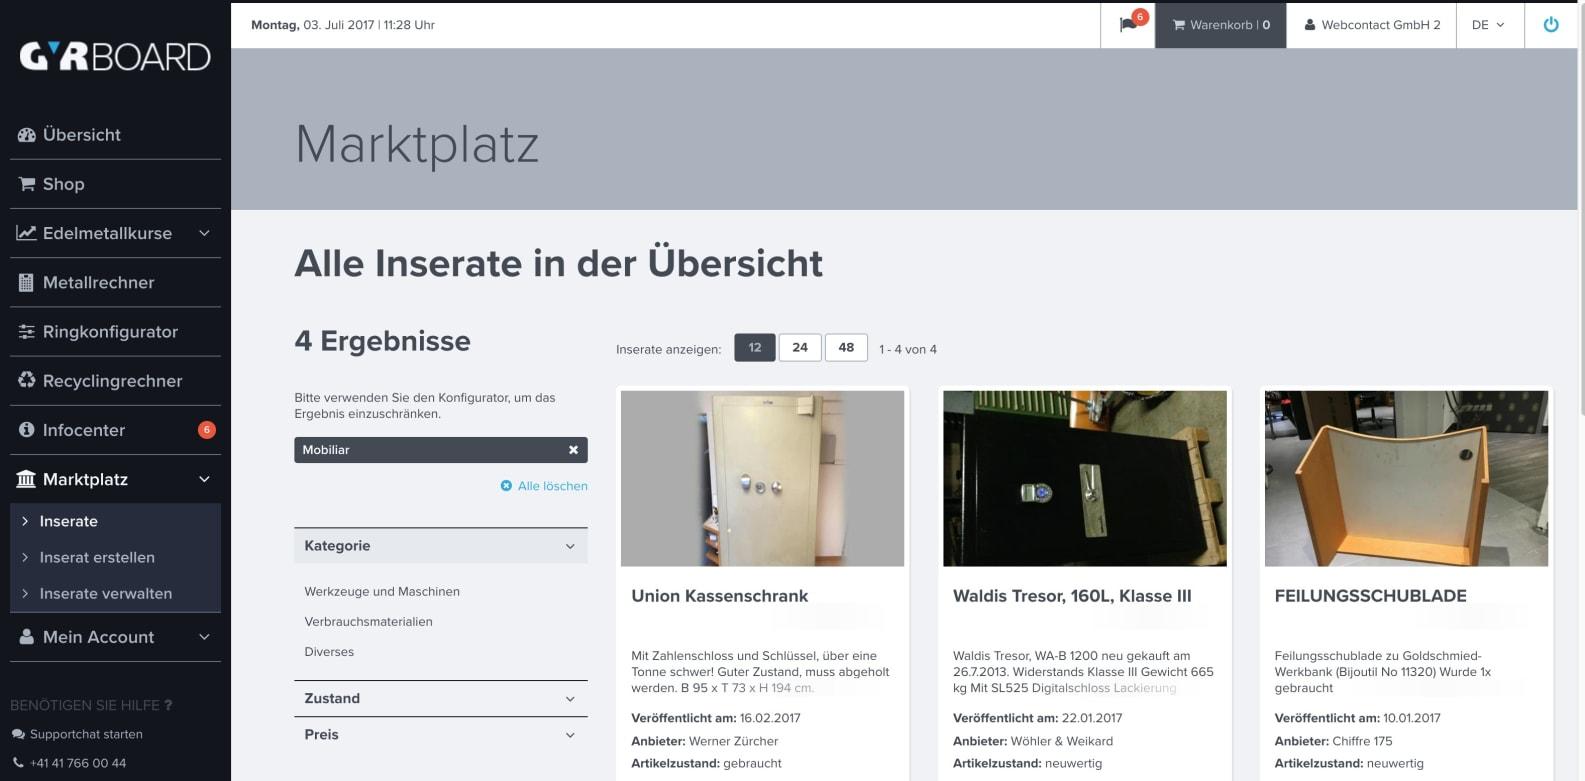 Screenshot Marktplatz GYRBOARD – Wie entstand die Website mit Kundenportal www.gyr.ch? | web://contact